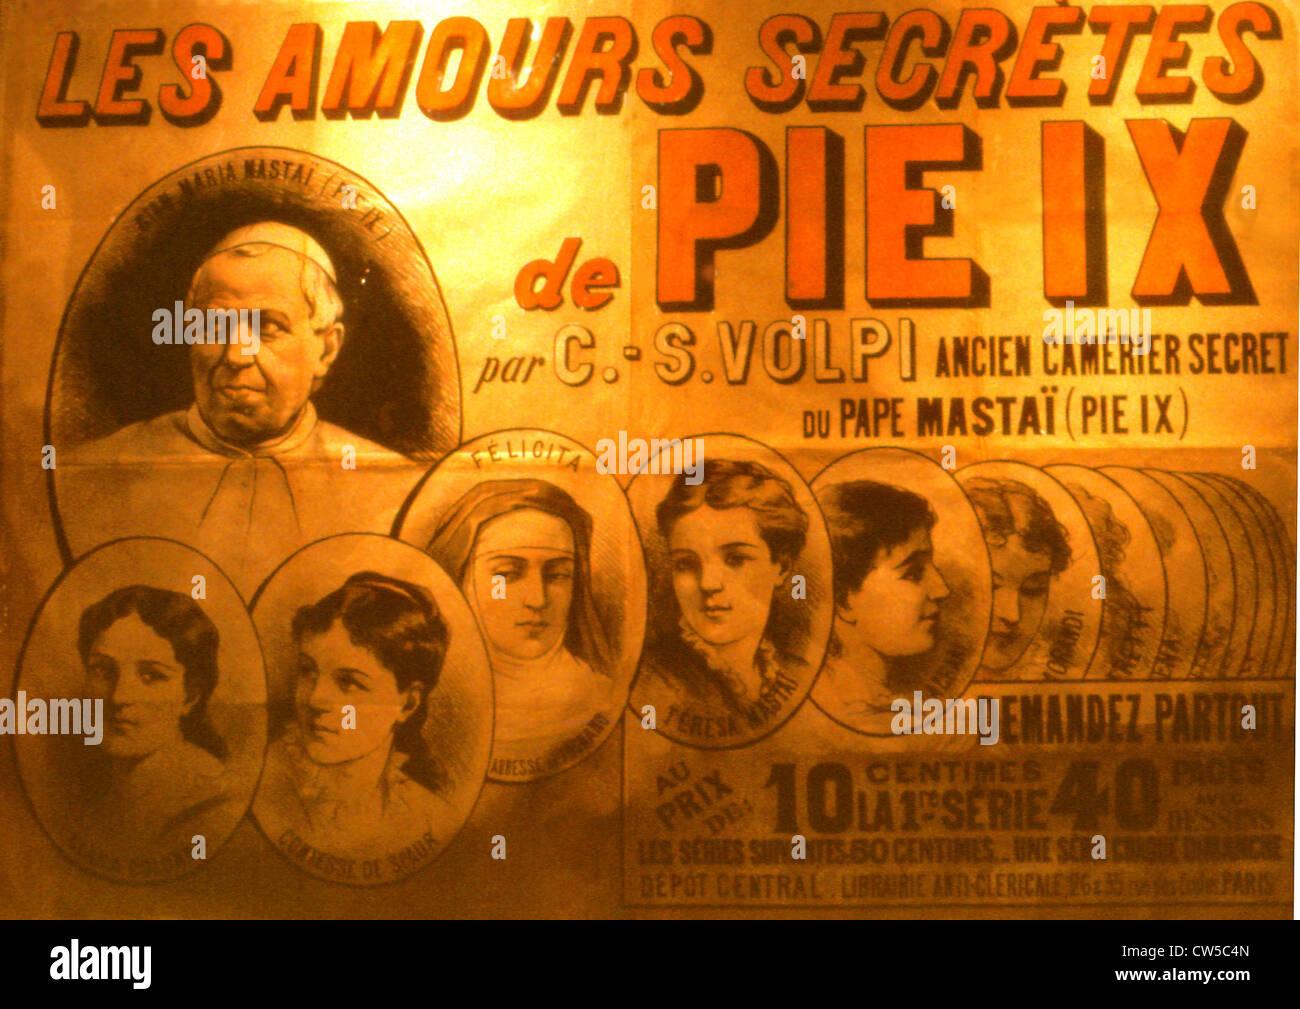 Poster stampato da anticlericale Bookshop: 'Il segreto degli amori di Papa Pio IX' Immagini Stock